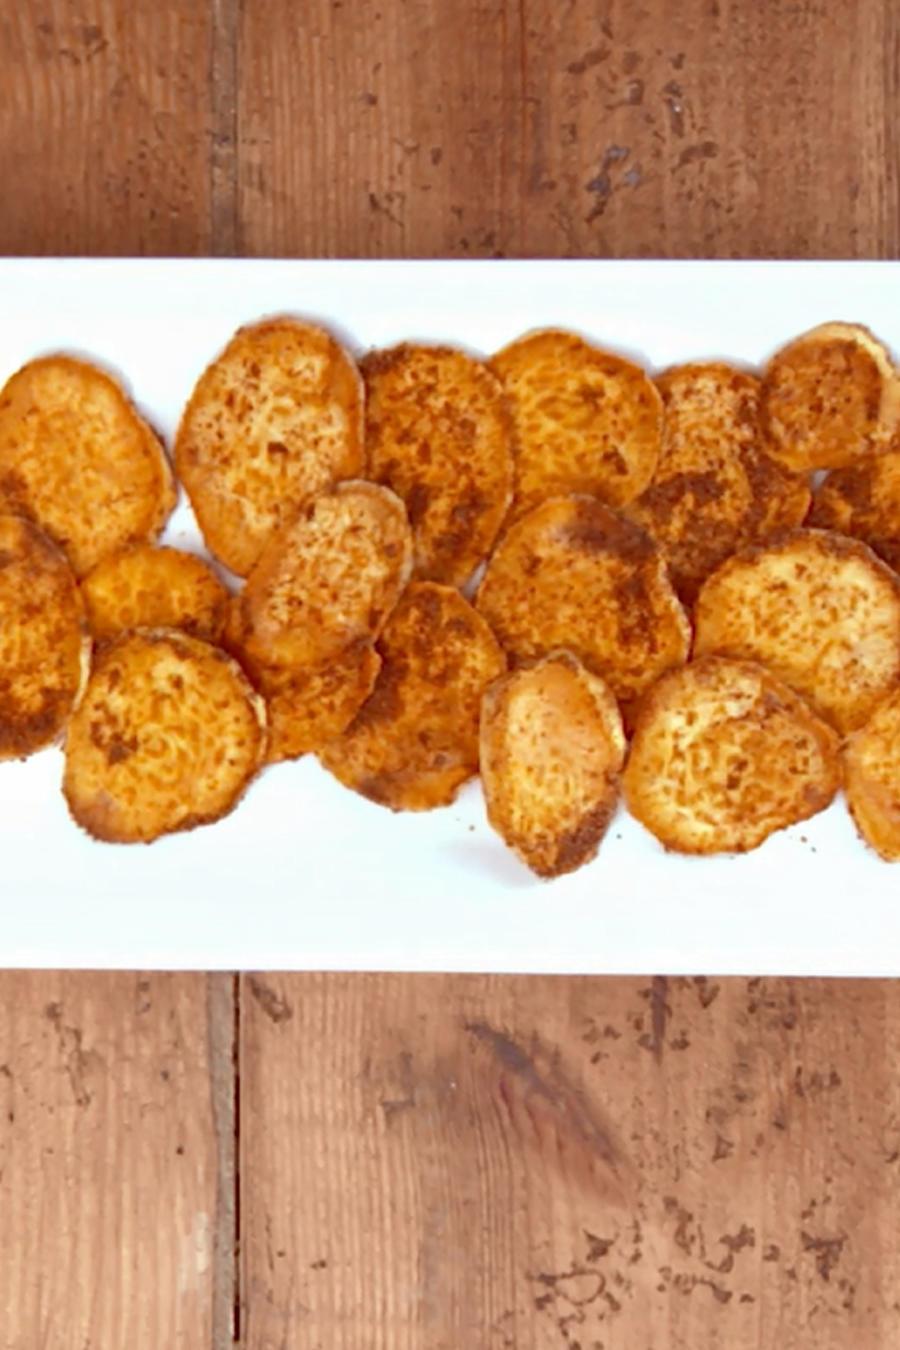 Batatas fritas ¡y saludables!